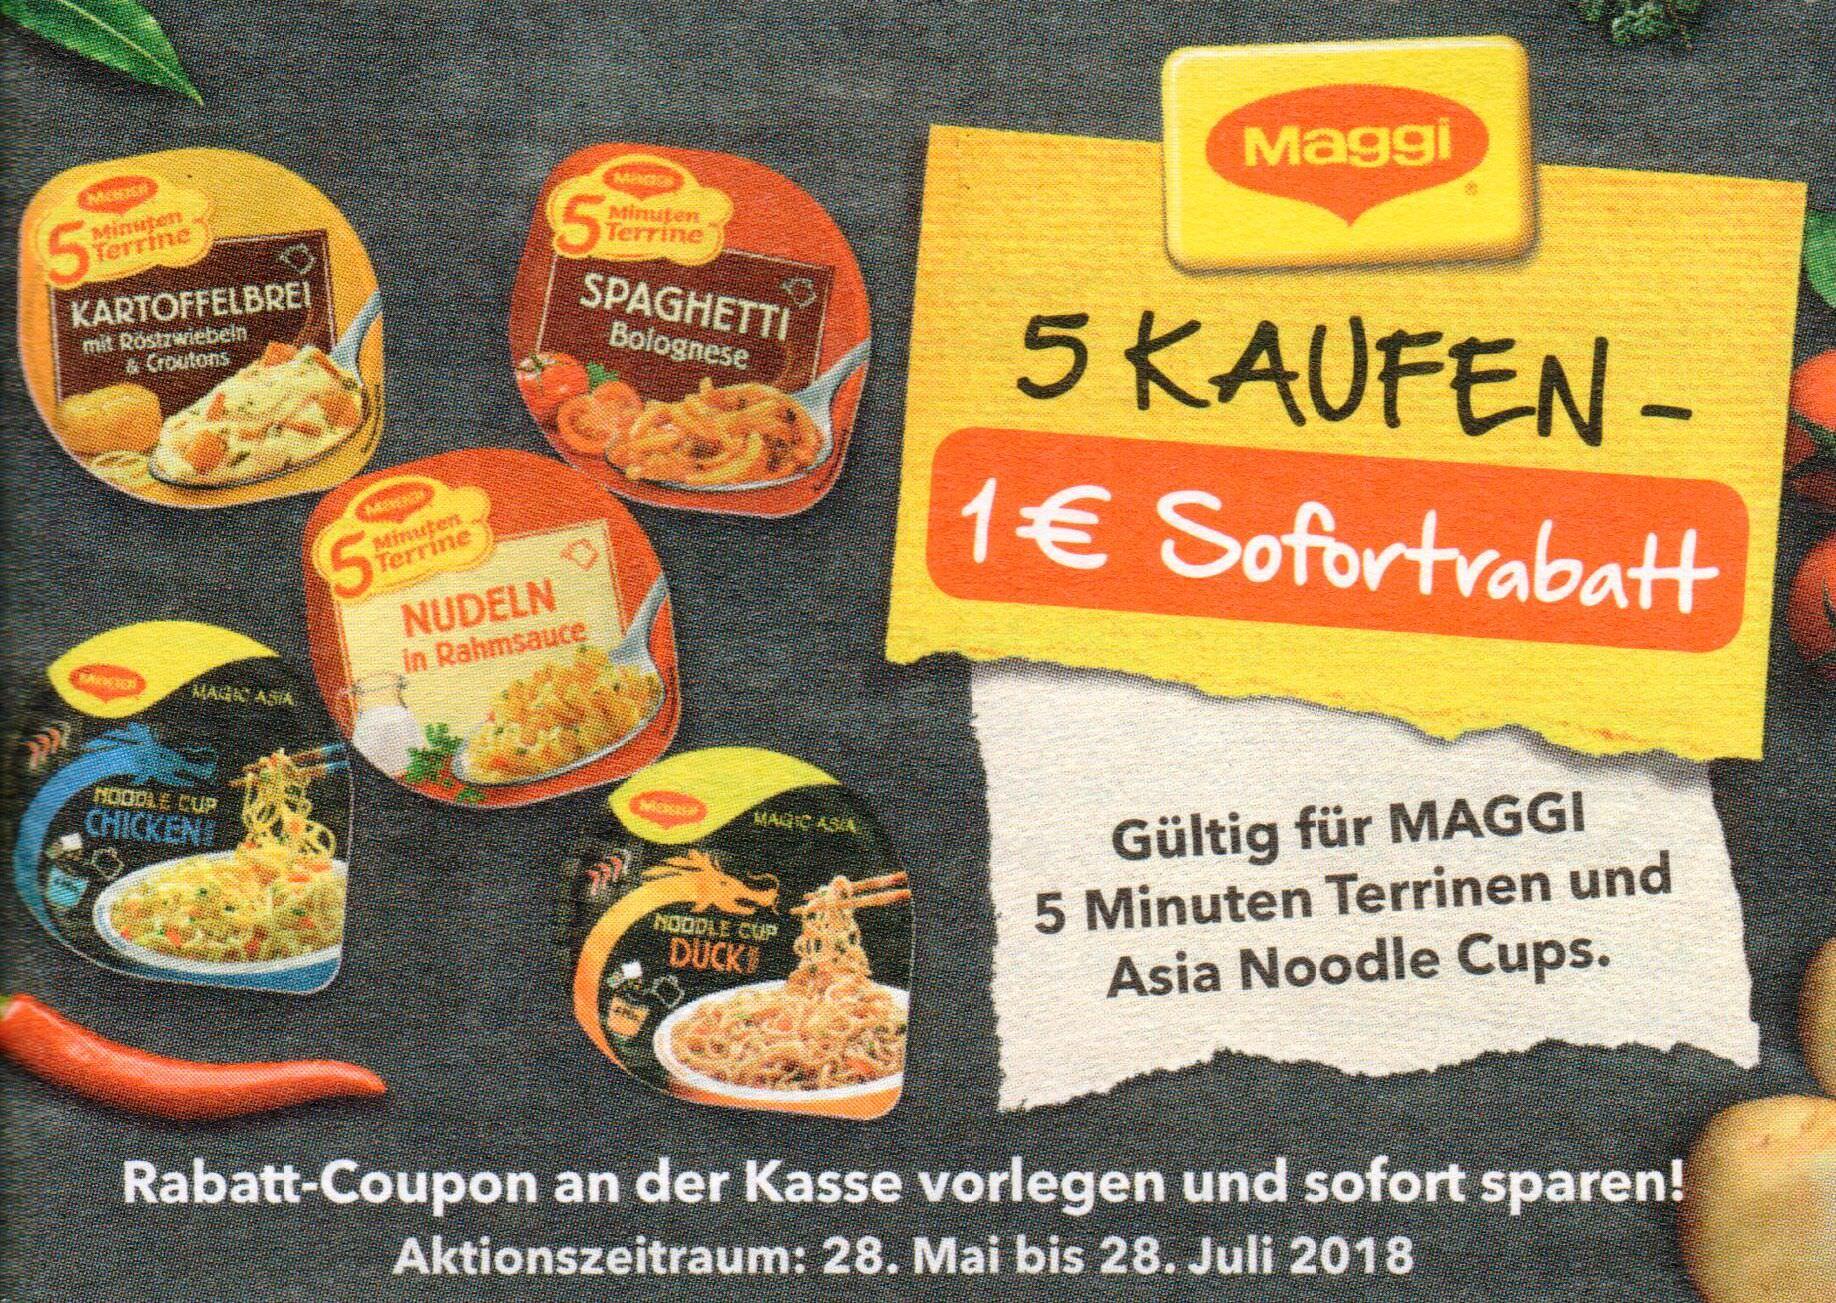 1,00€ Coupon für den Kauf von 5x Maggi 5 Minuten Terrine oder 5x Asia Noodle Cup bis 28.07.2018